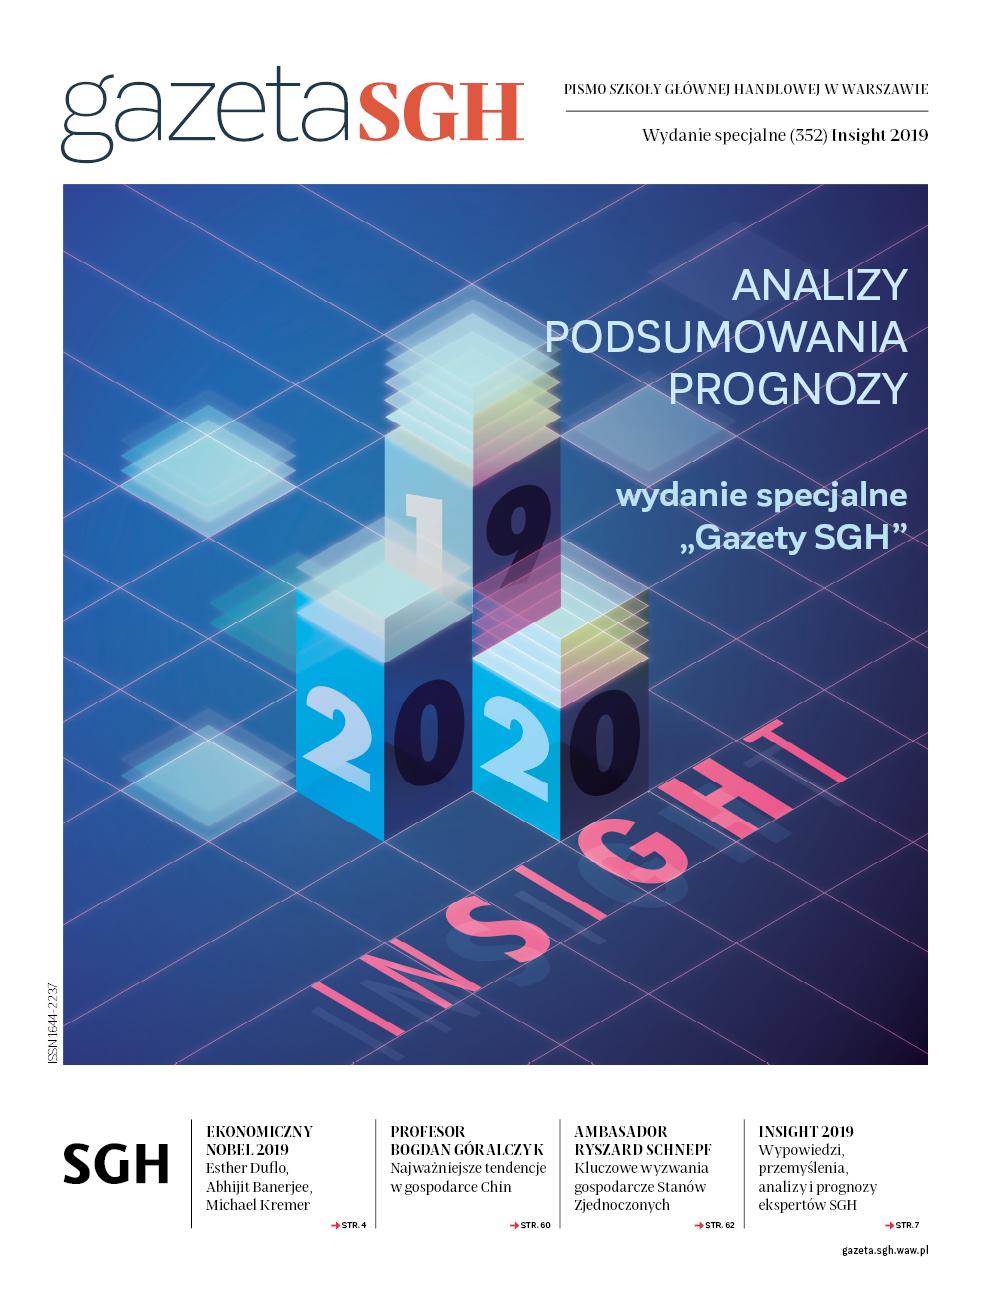 Insight 2019 wydanie specjalne okładka